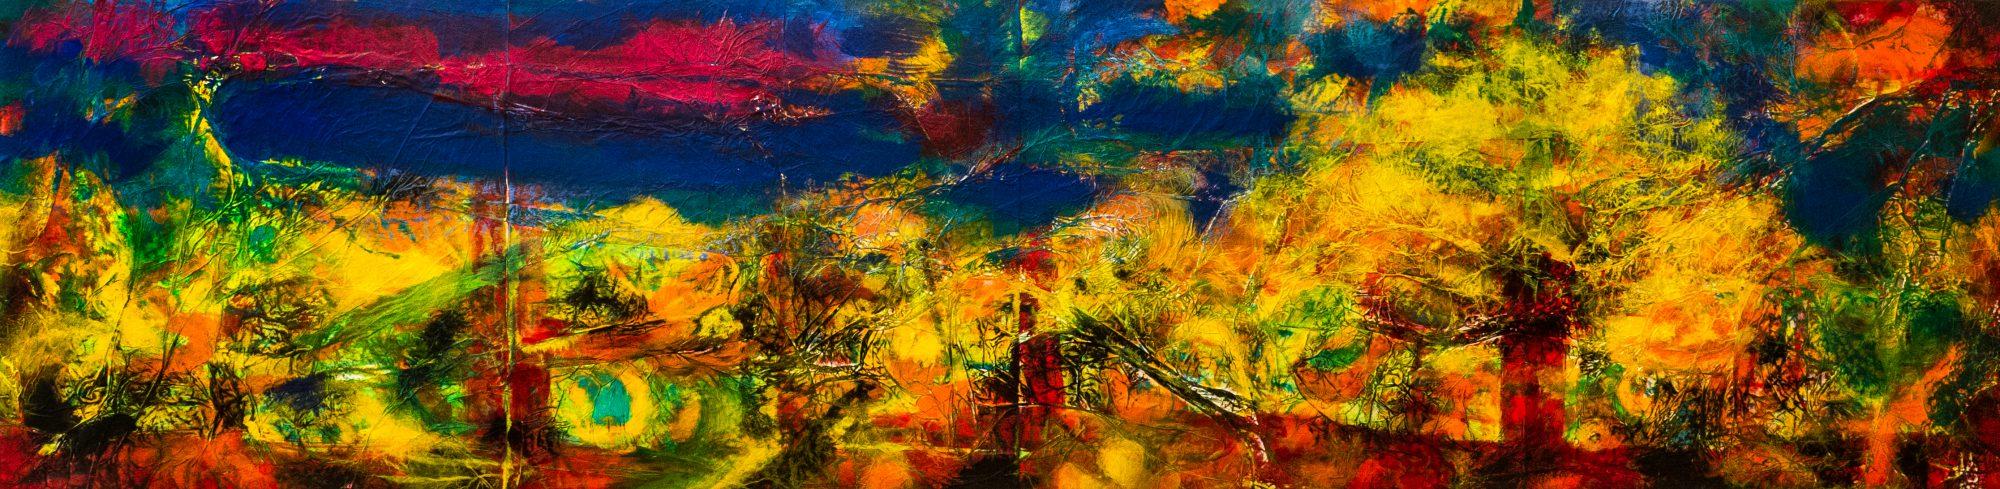 Landschaft mit Hirn, Acryl auf Aluminium, 2019